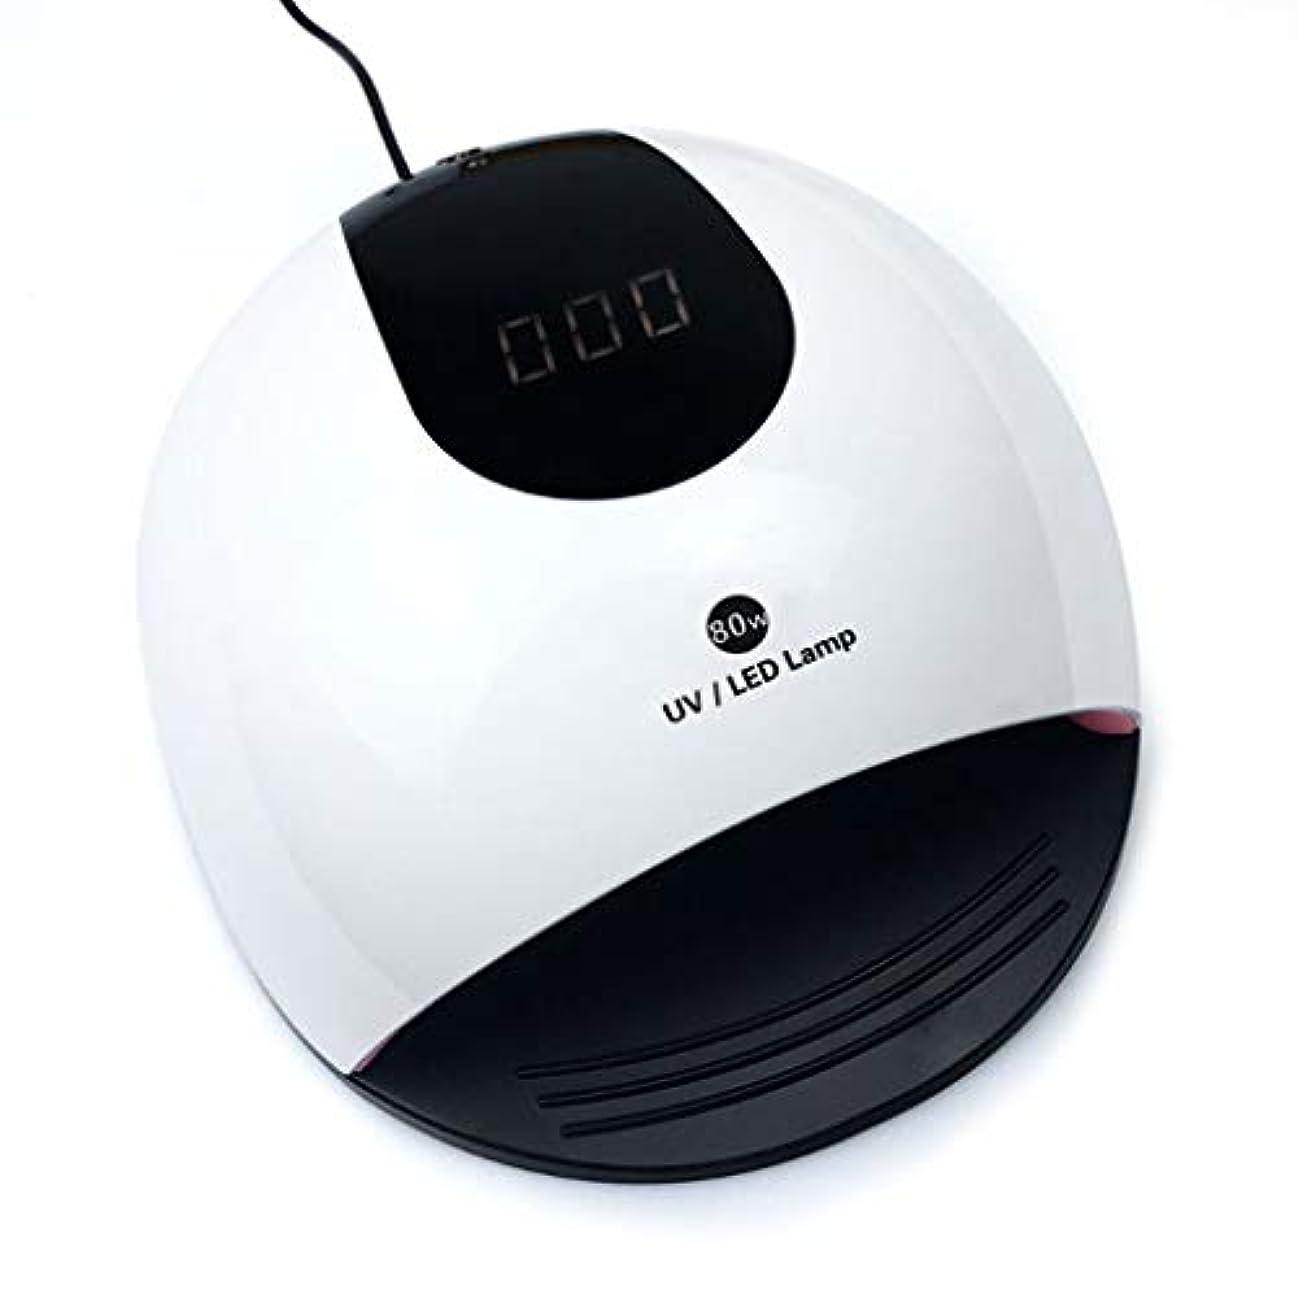 命題扇動する落ち着くYHSUNN 80W自動センサーLED UVネイルランプジェルポリッシュドライヤーライトマニキュア療法機